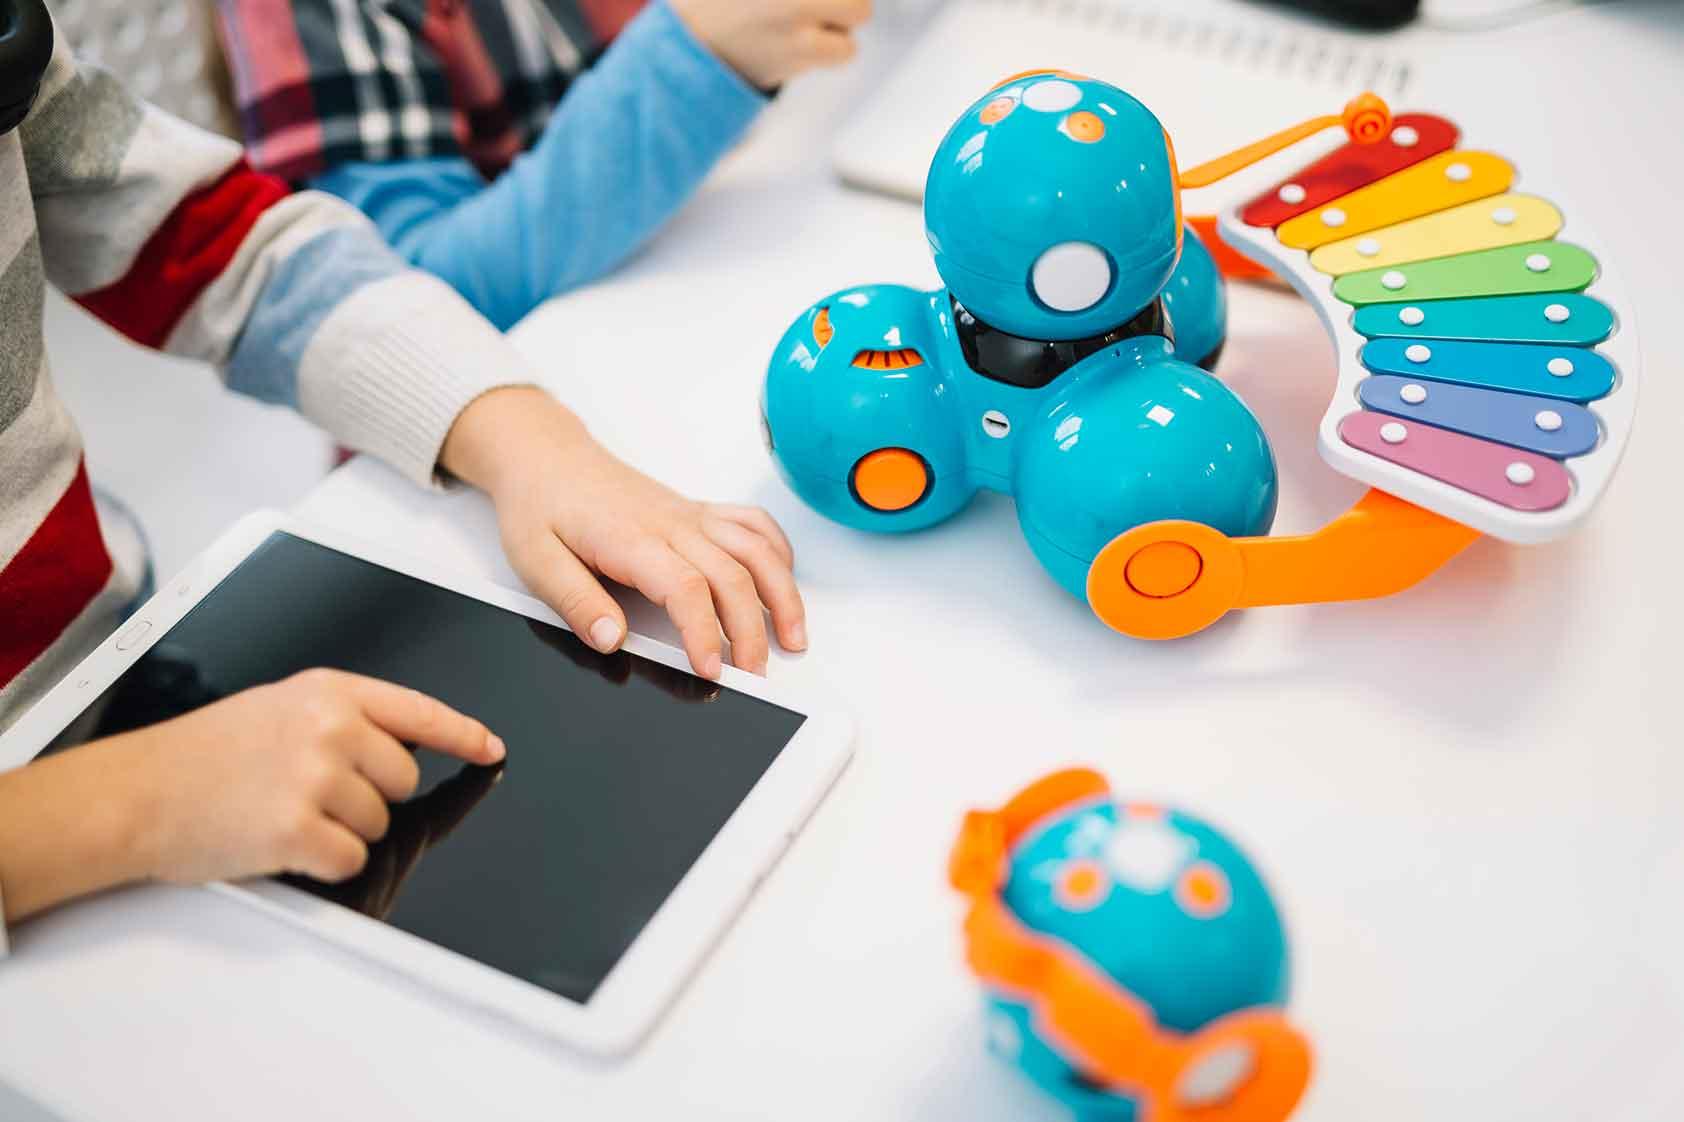 Las Tecnologías de Información y Comunicación (TIC) pueden ir de la mano con la calidad educativa